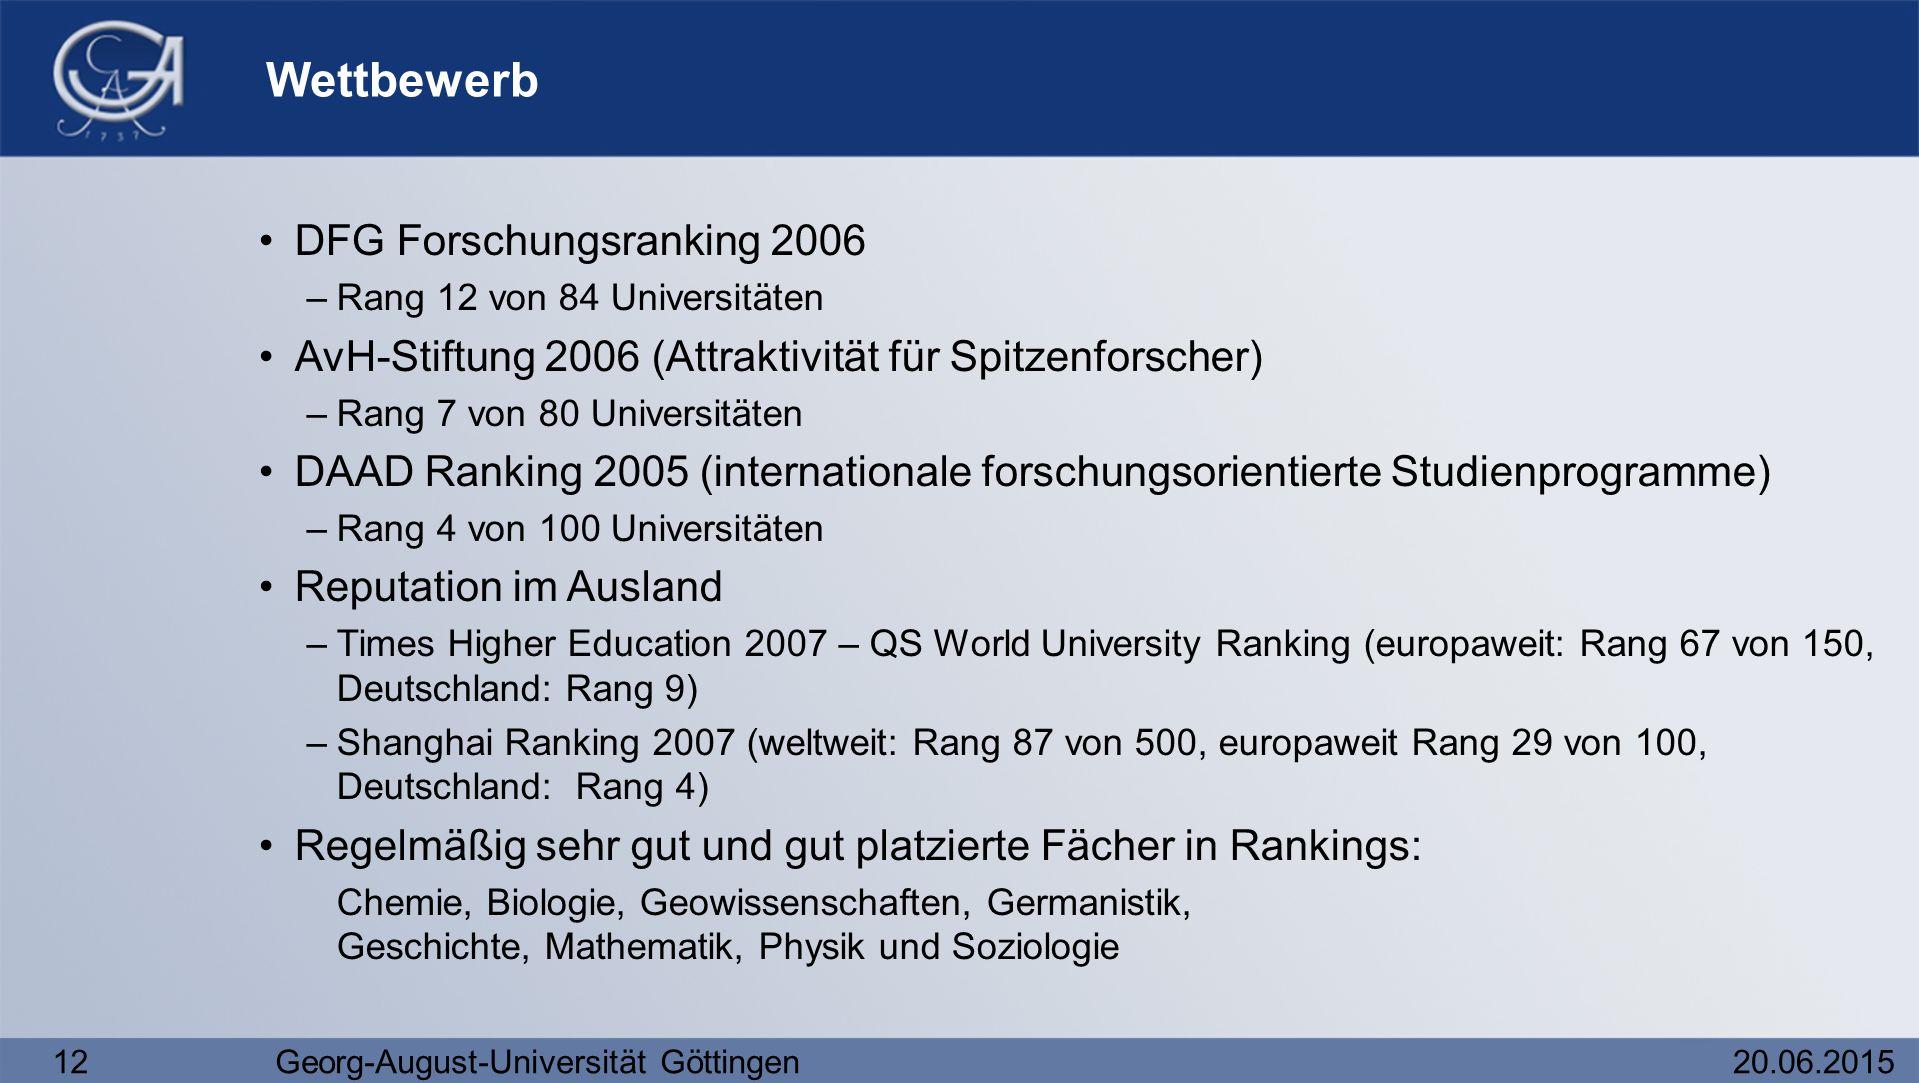 12Georg-August-Universität Göttingen20.06.2015 Wettbewerb DFG Forschungsranking 2006 –Rang 12 von 84 Universitäten AvH-Stiftung 2006 (Attraktivität fü